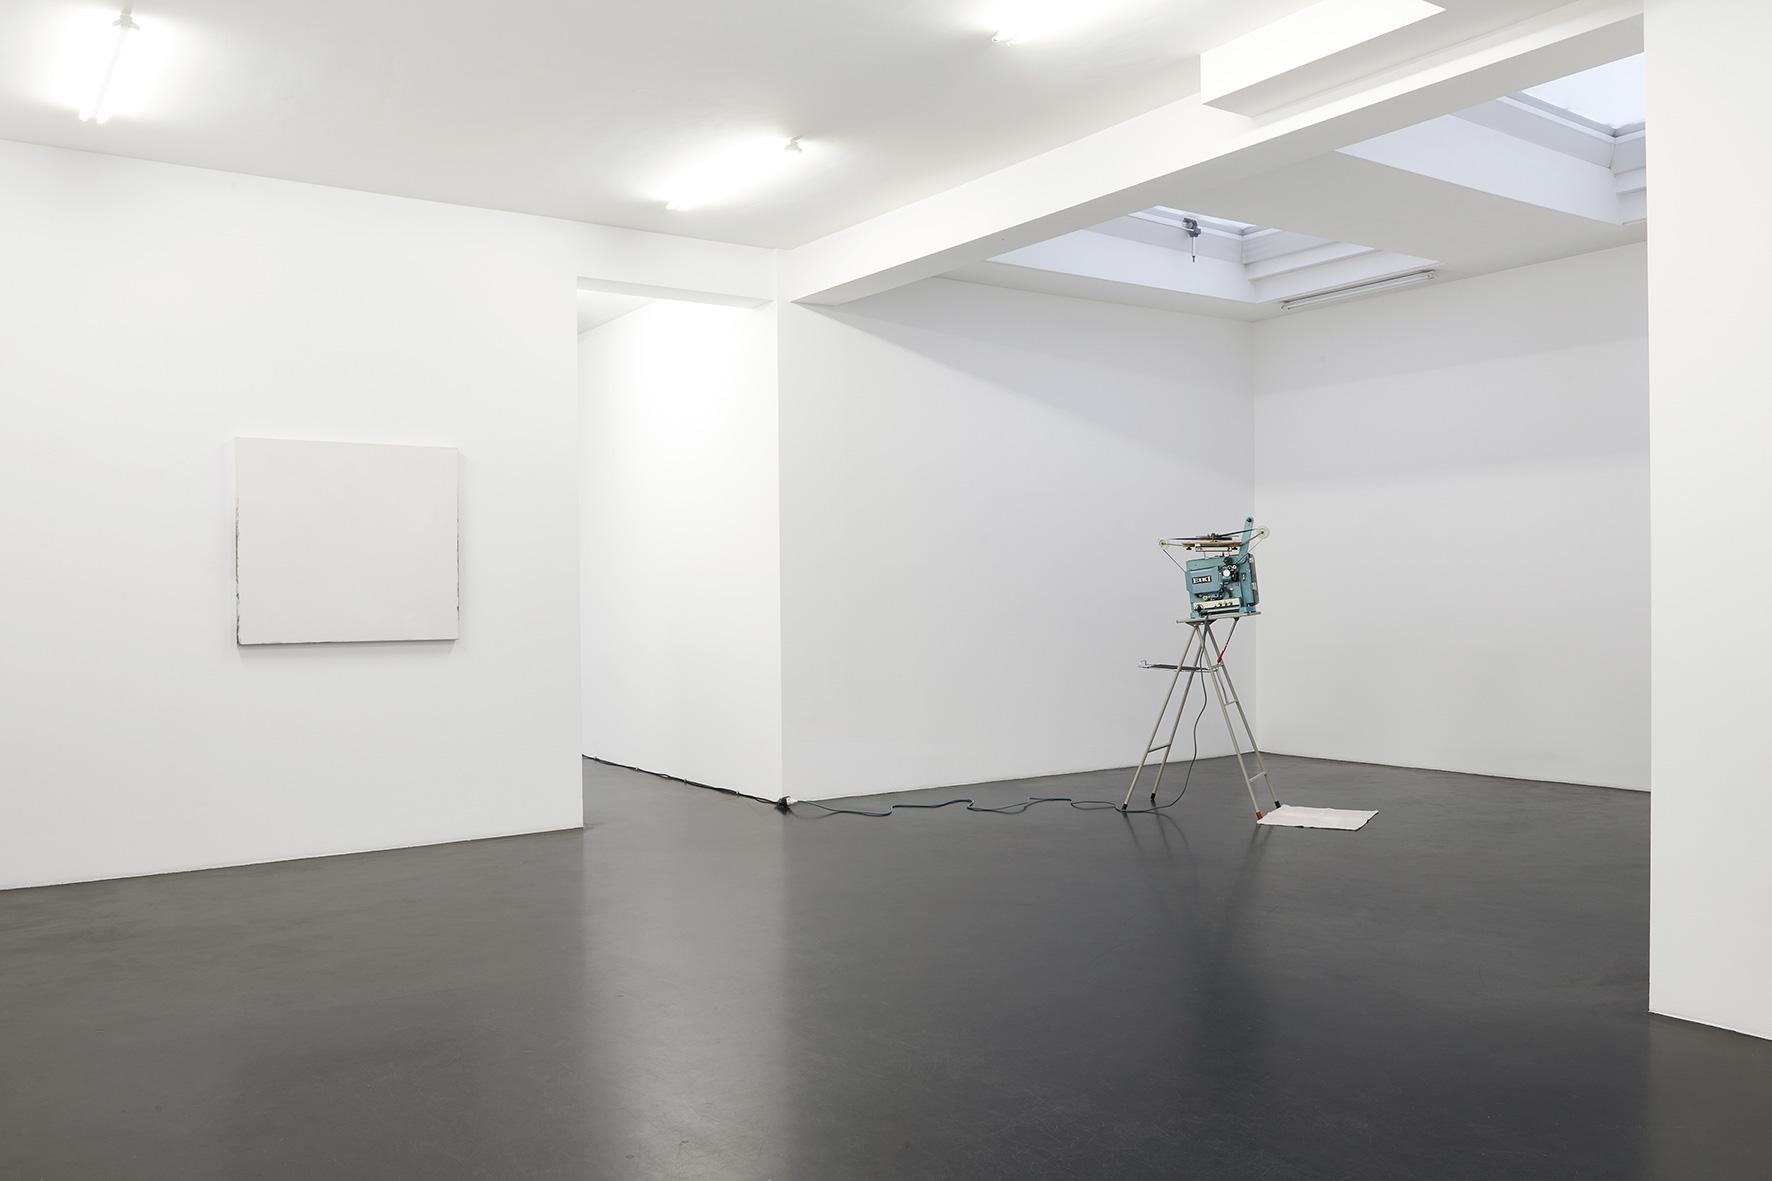 Ger van Elk_Installation View_9_Markus Luettgen Gallery